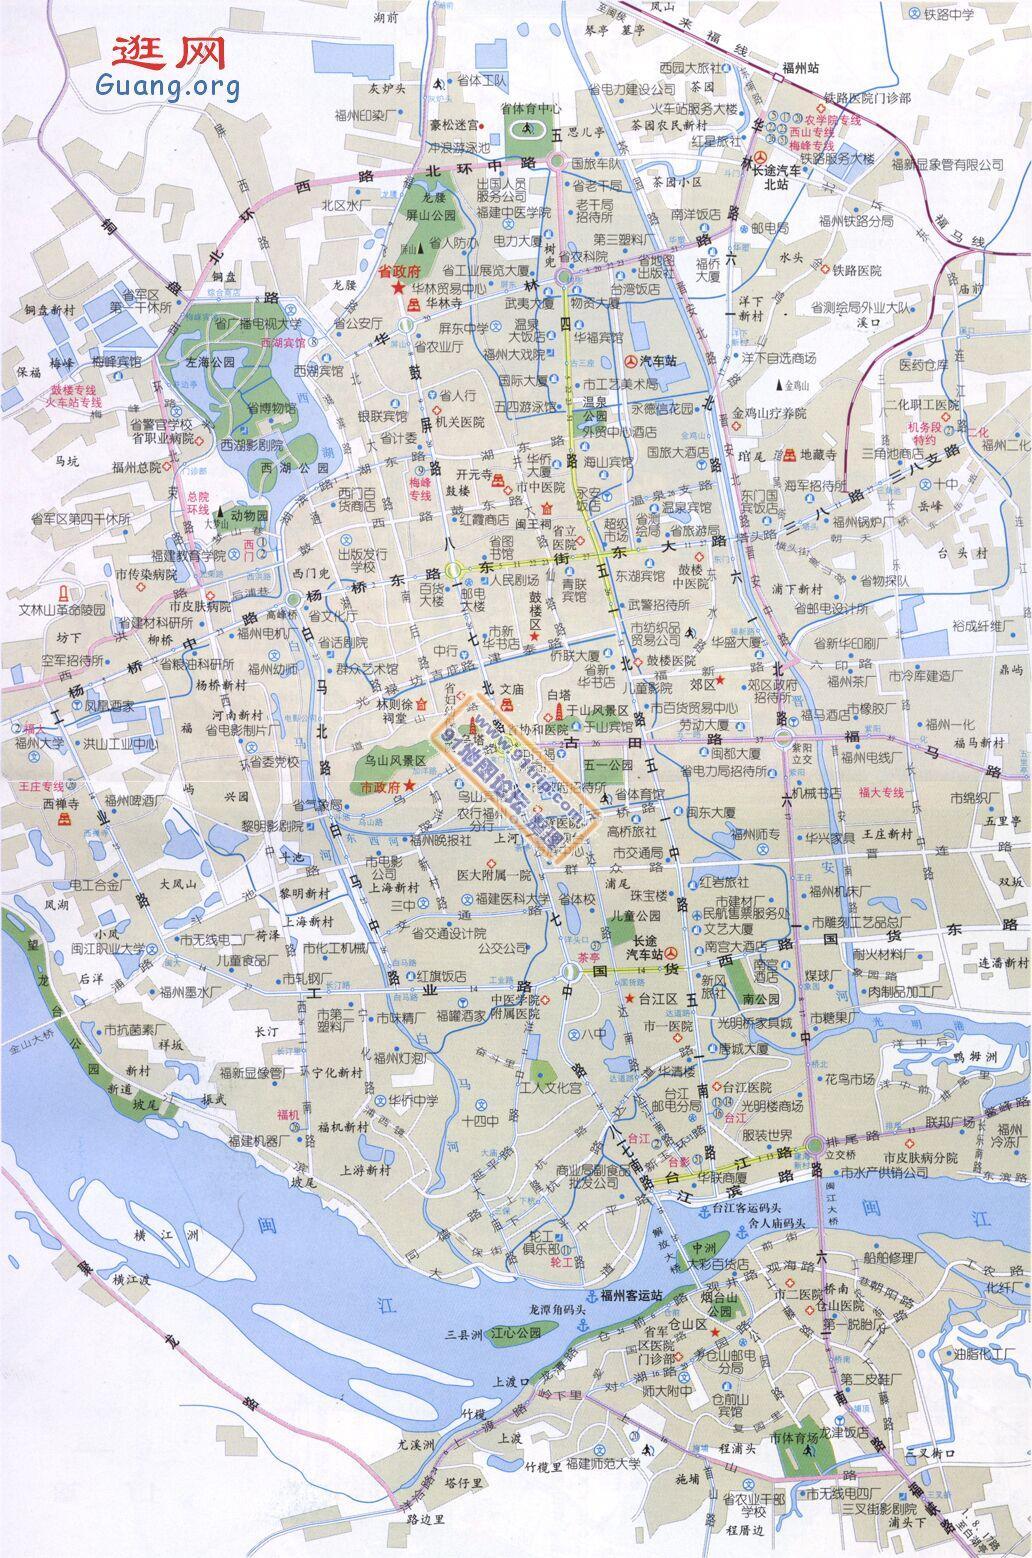 福建省福州地图_福州市地图查询